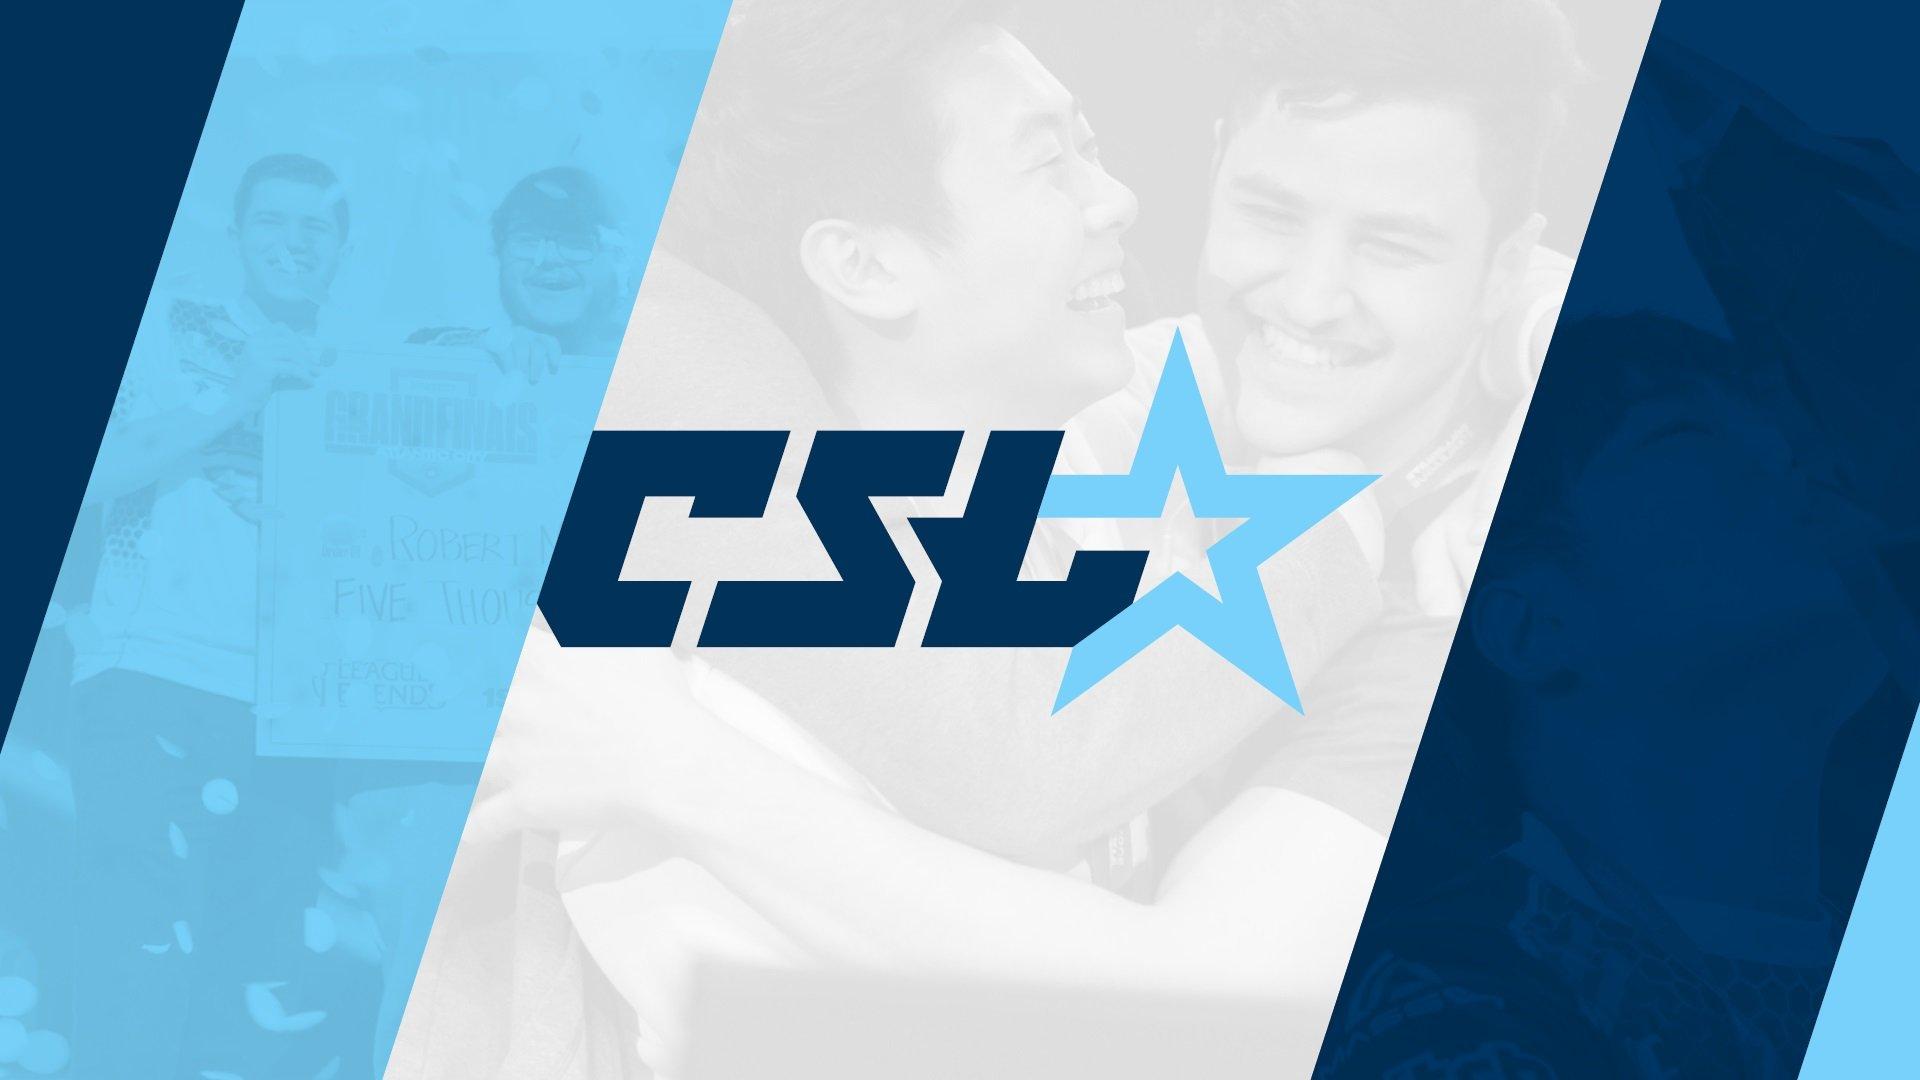 CSL célèbre un changement d'image de marque massif